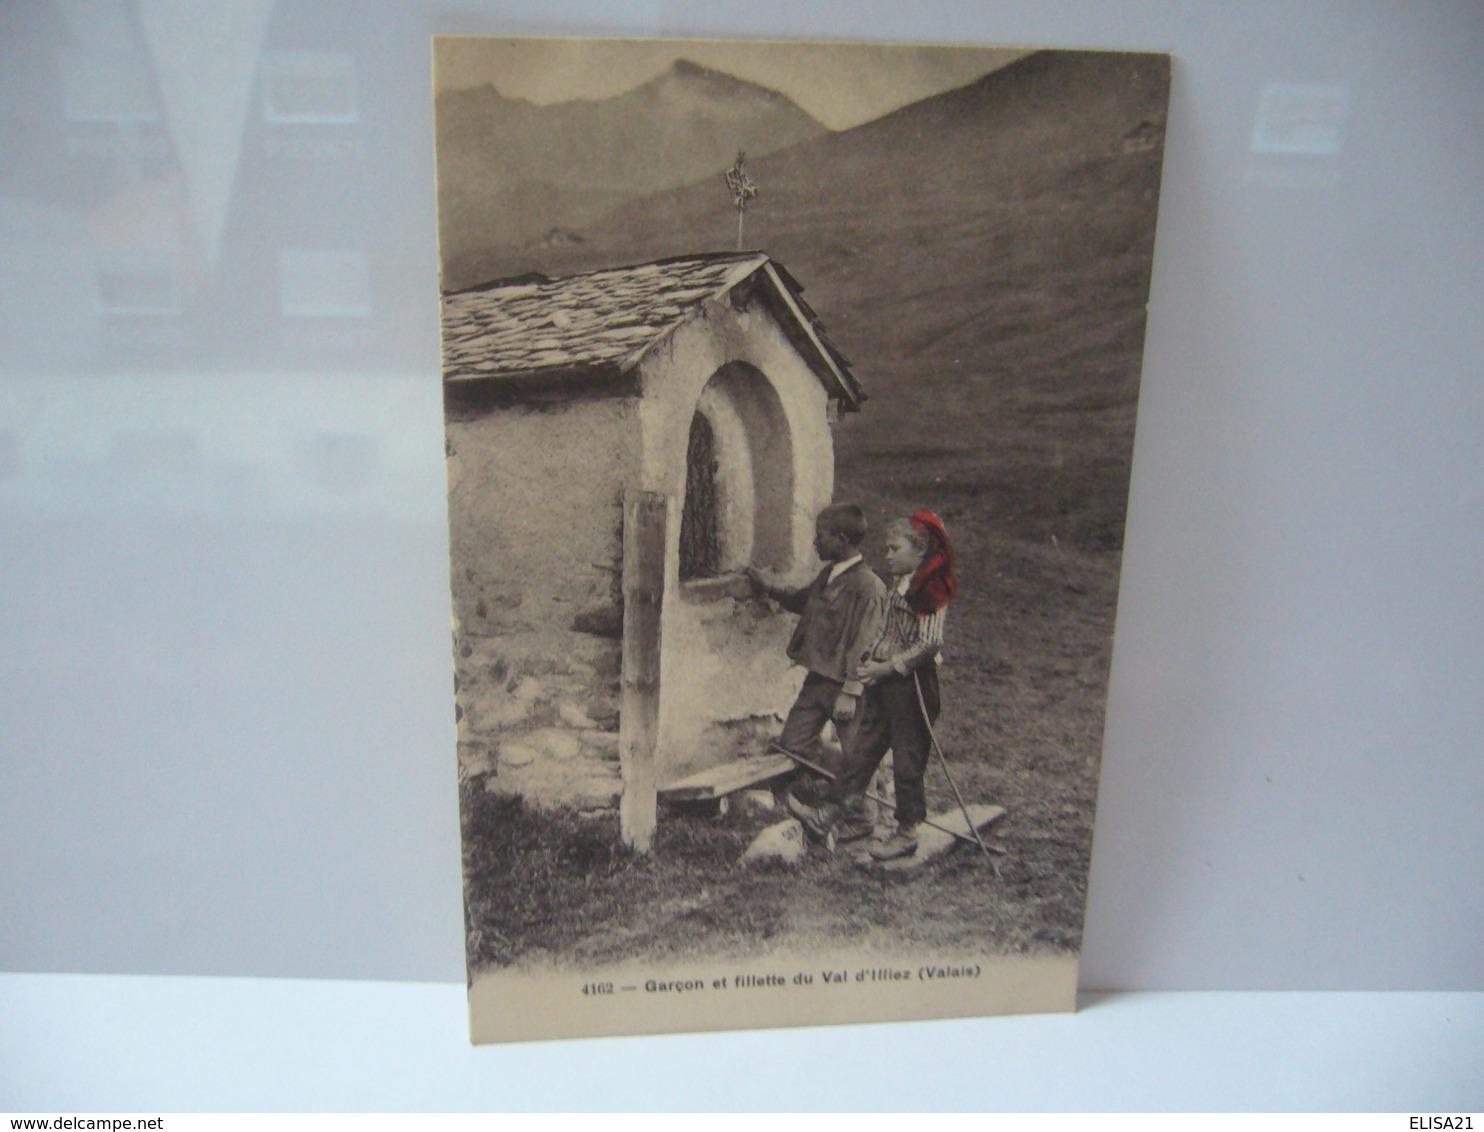 GARÇON ET FILLETTE DU VAL D'ILLIEZ  SUISSE VALAIS  CPA 1913 - VS Valais